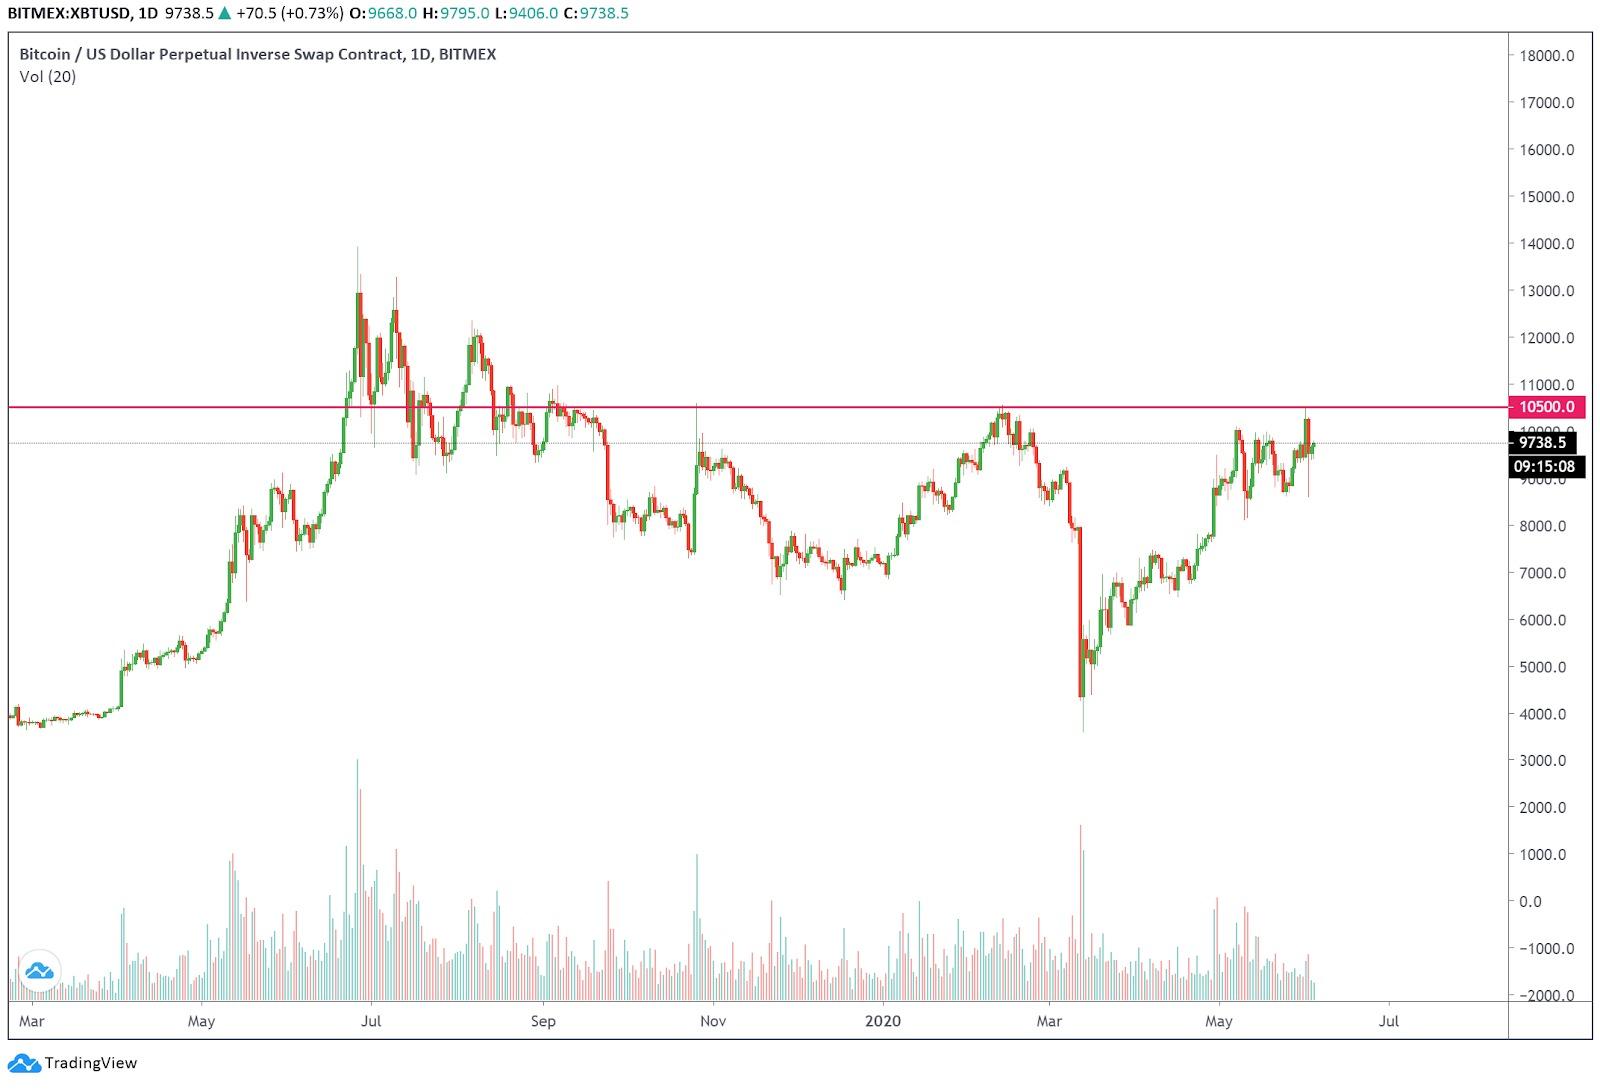 Mô hình ba đỉnh hình thành trên biểu đồ ngày của Bitcoin. Nguồn: Tradingview